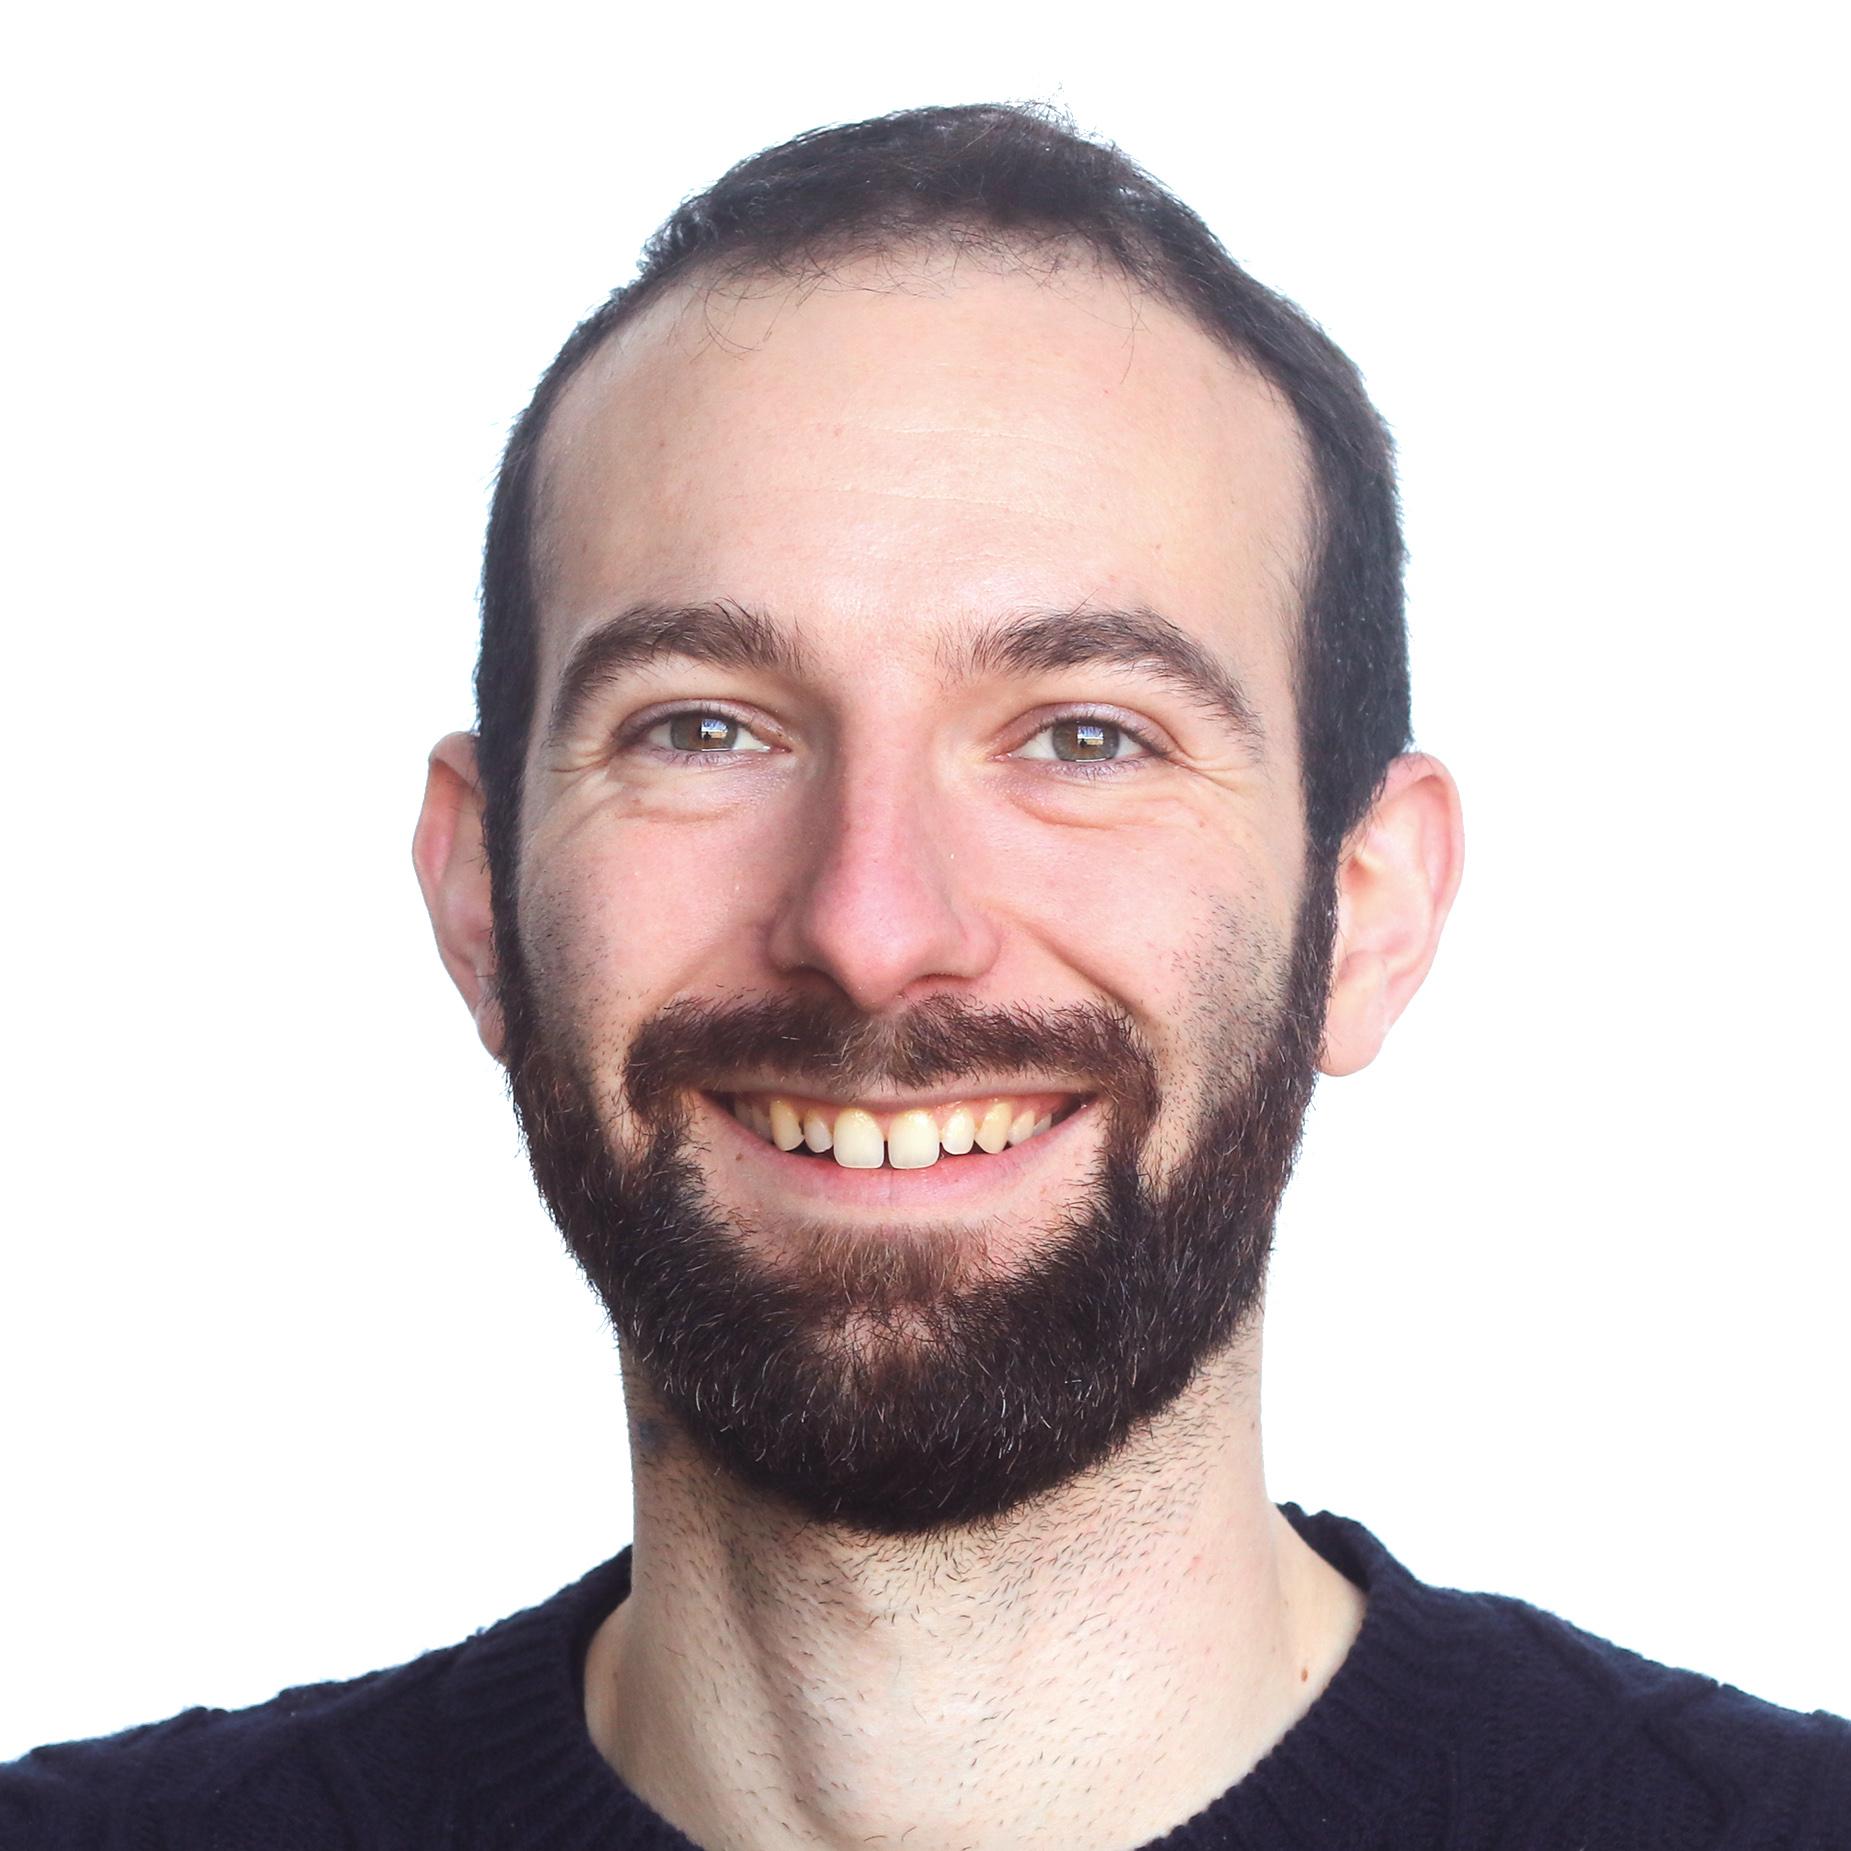 Matteo Goffi